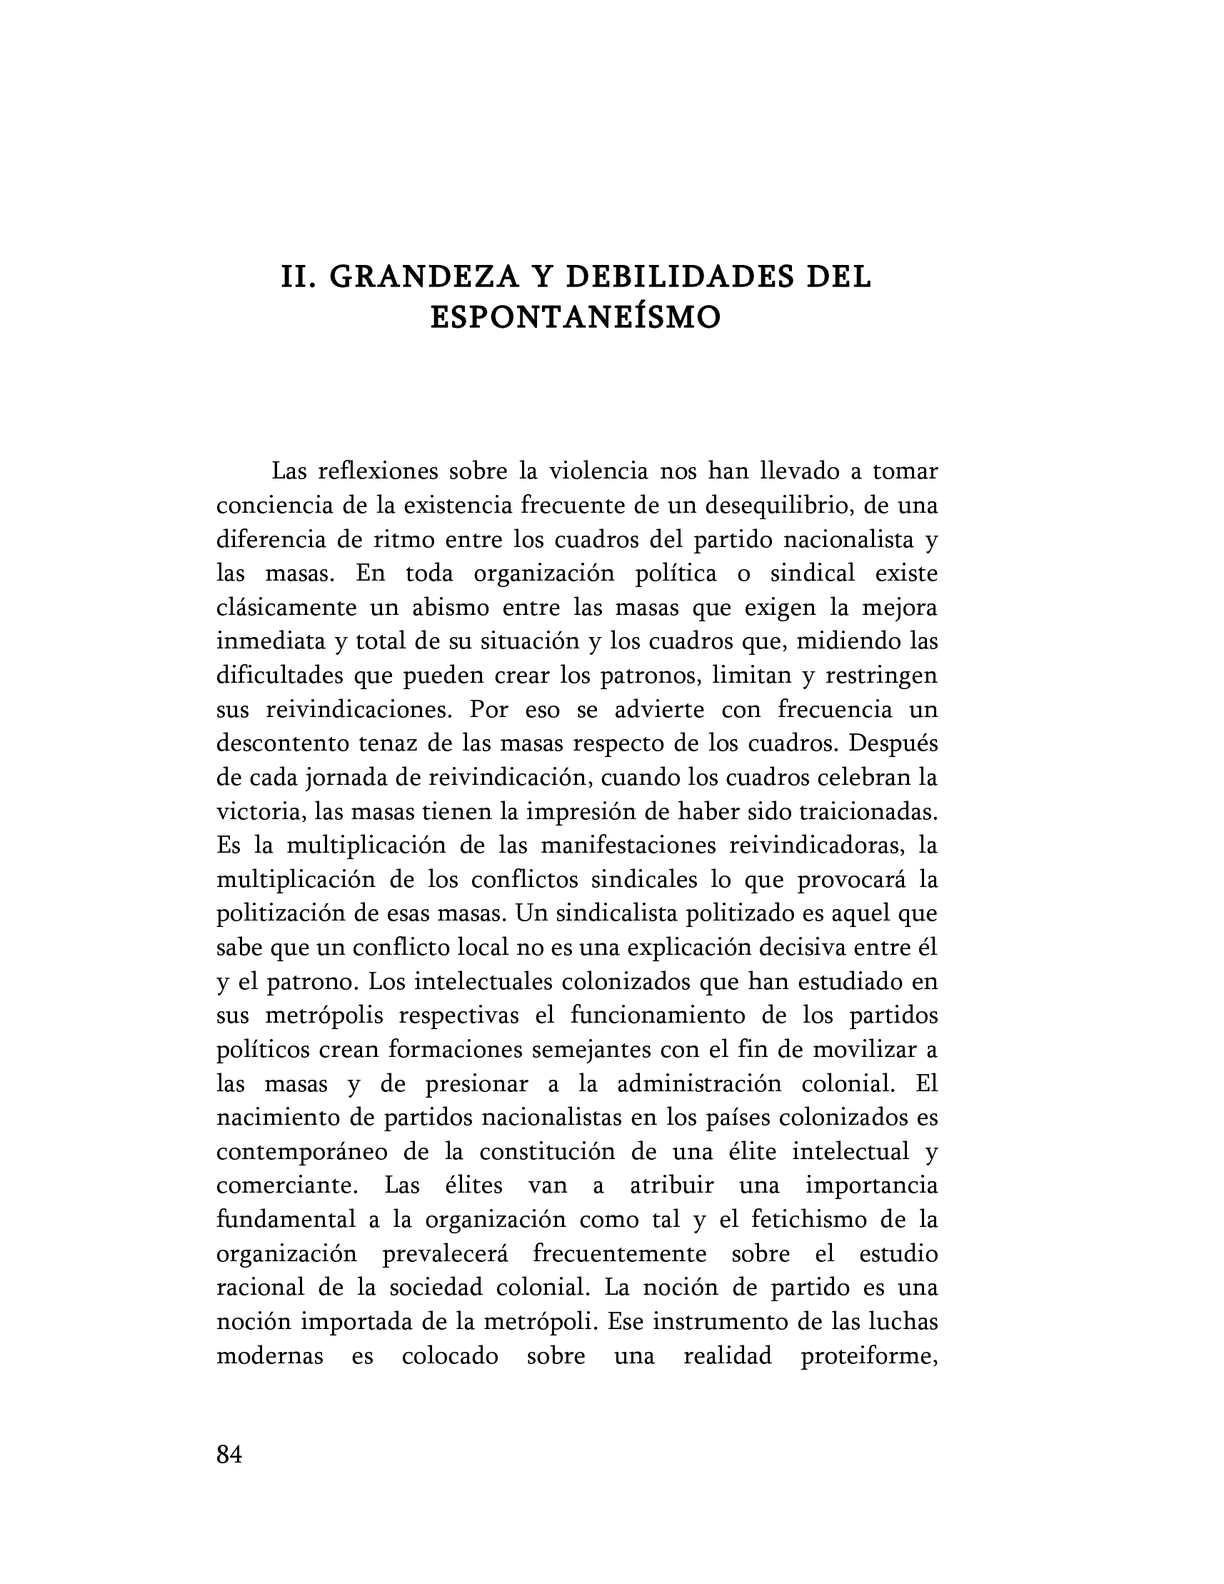 Calaméo - Frantz Fanon- Grandeza y debilidades del espontaneísmo